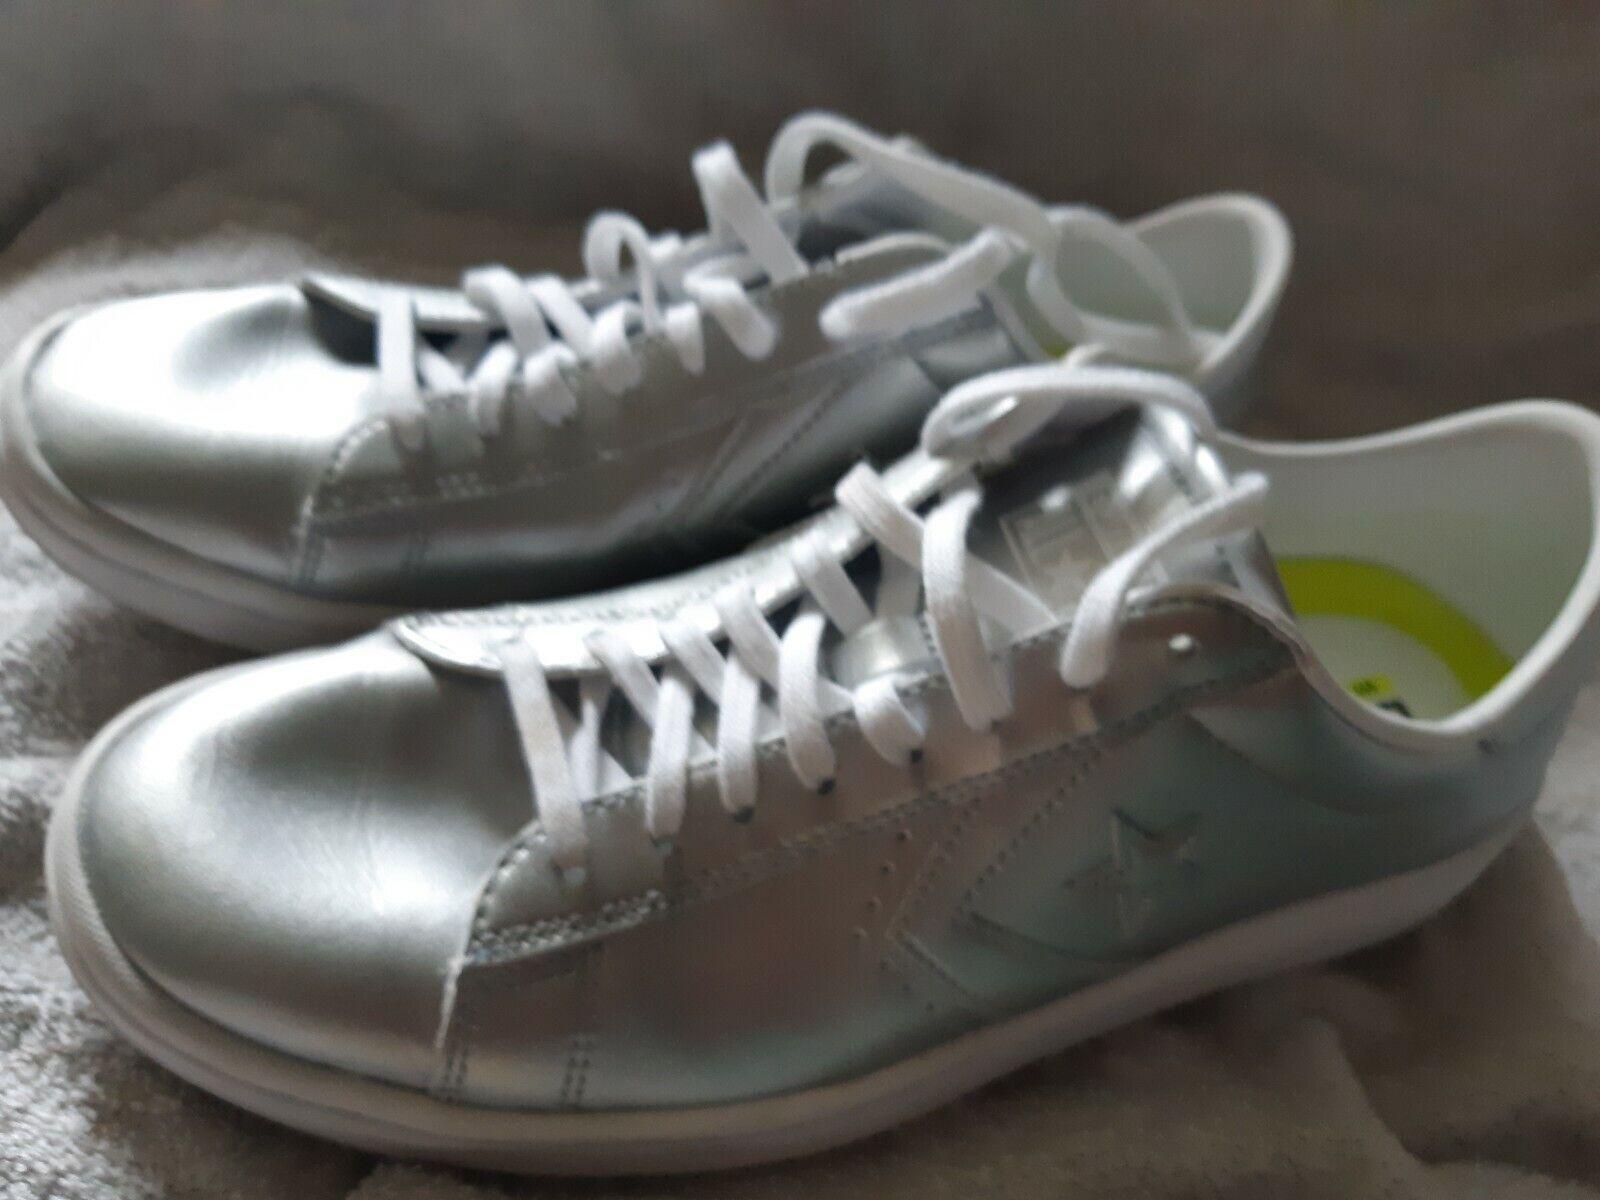 Nuova Conversazione Chuck Taylor All Star Low  Glitter argento donna 9  il prezzo più basso